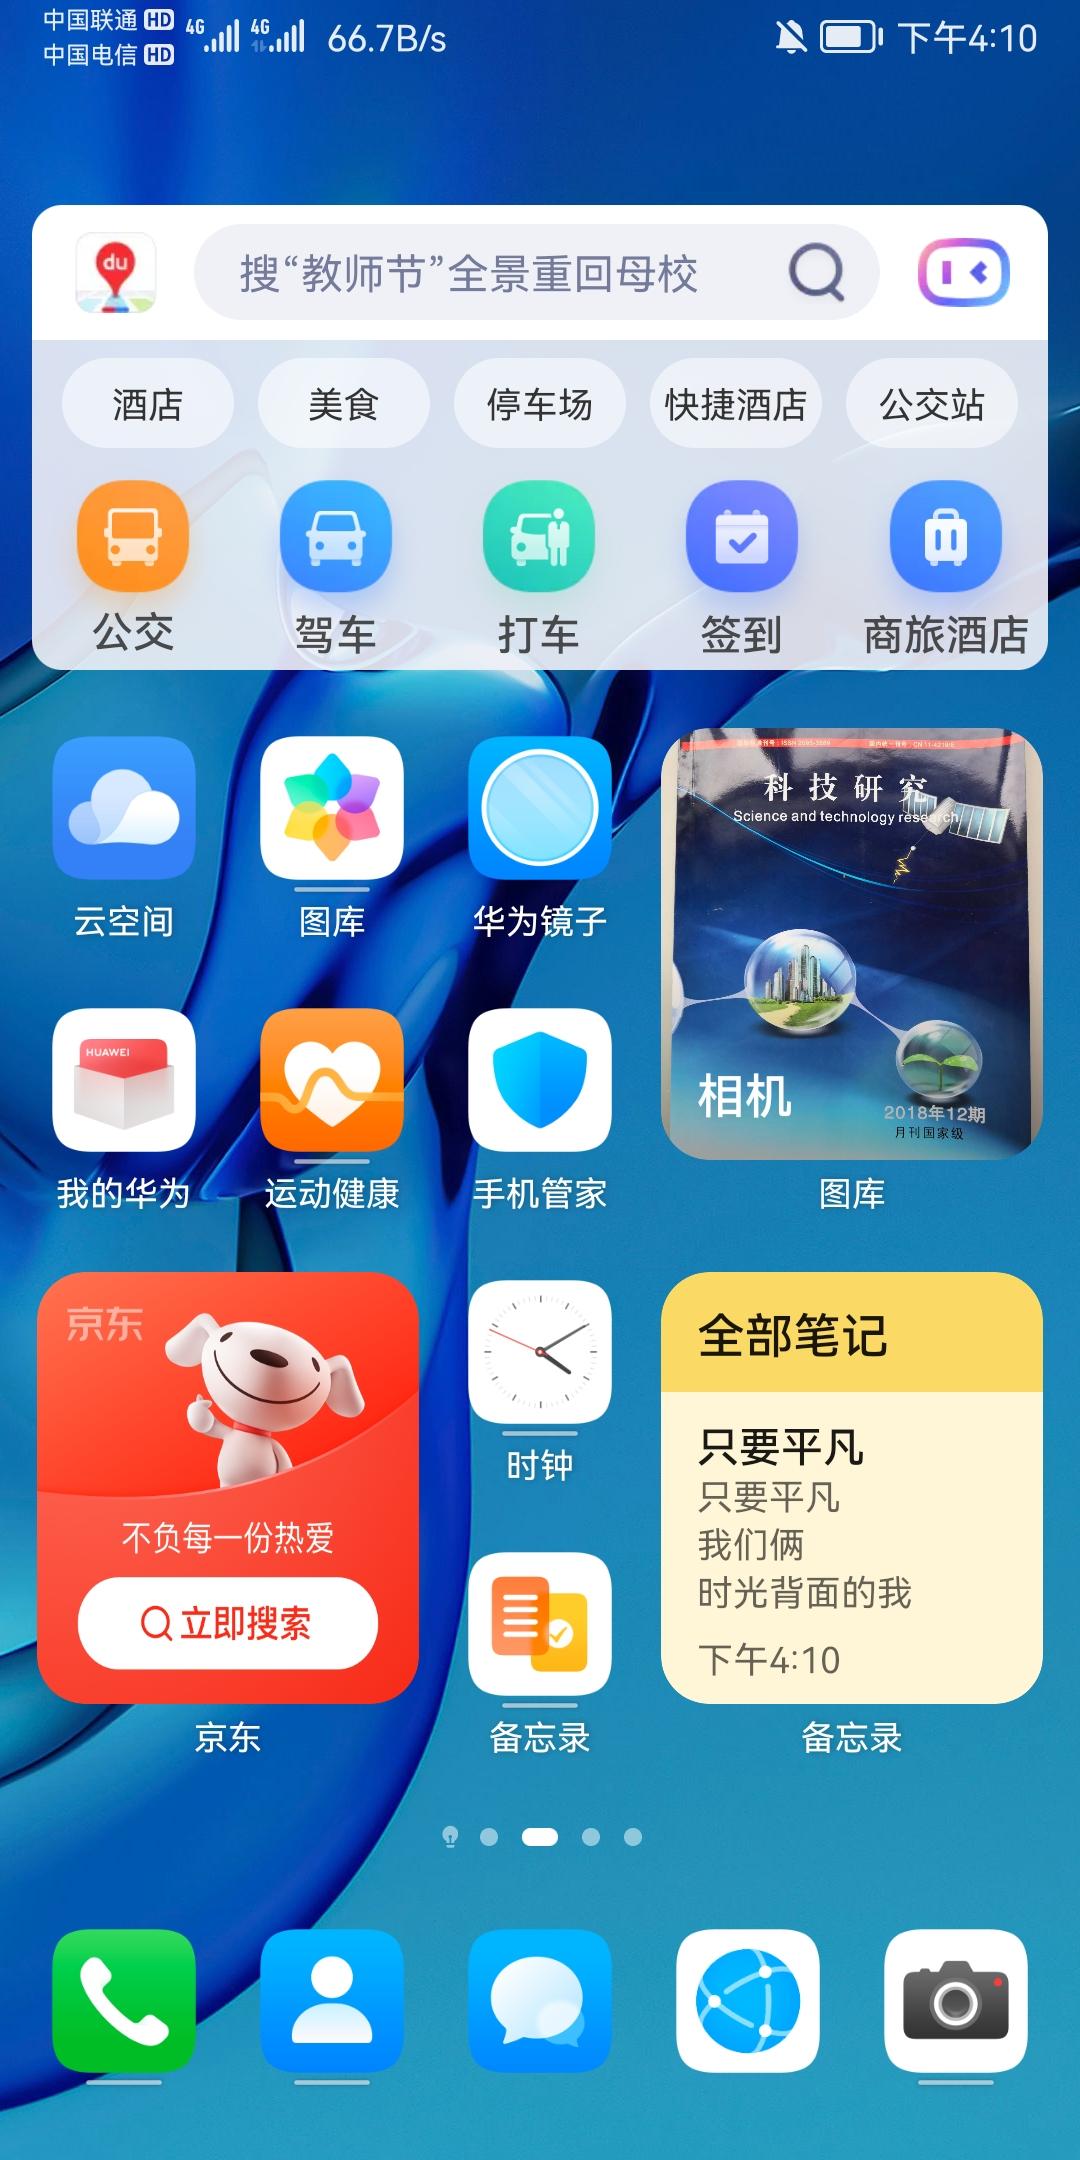 Screenshot_20210909_161049_com.huawei.android.launcher.jpg